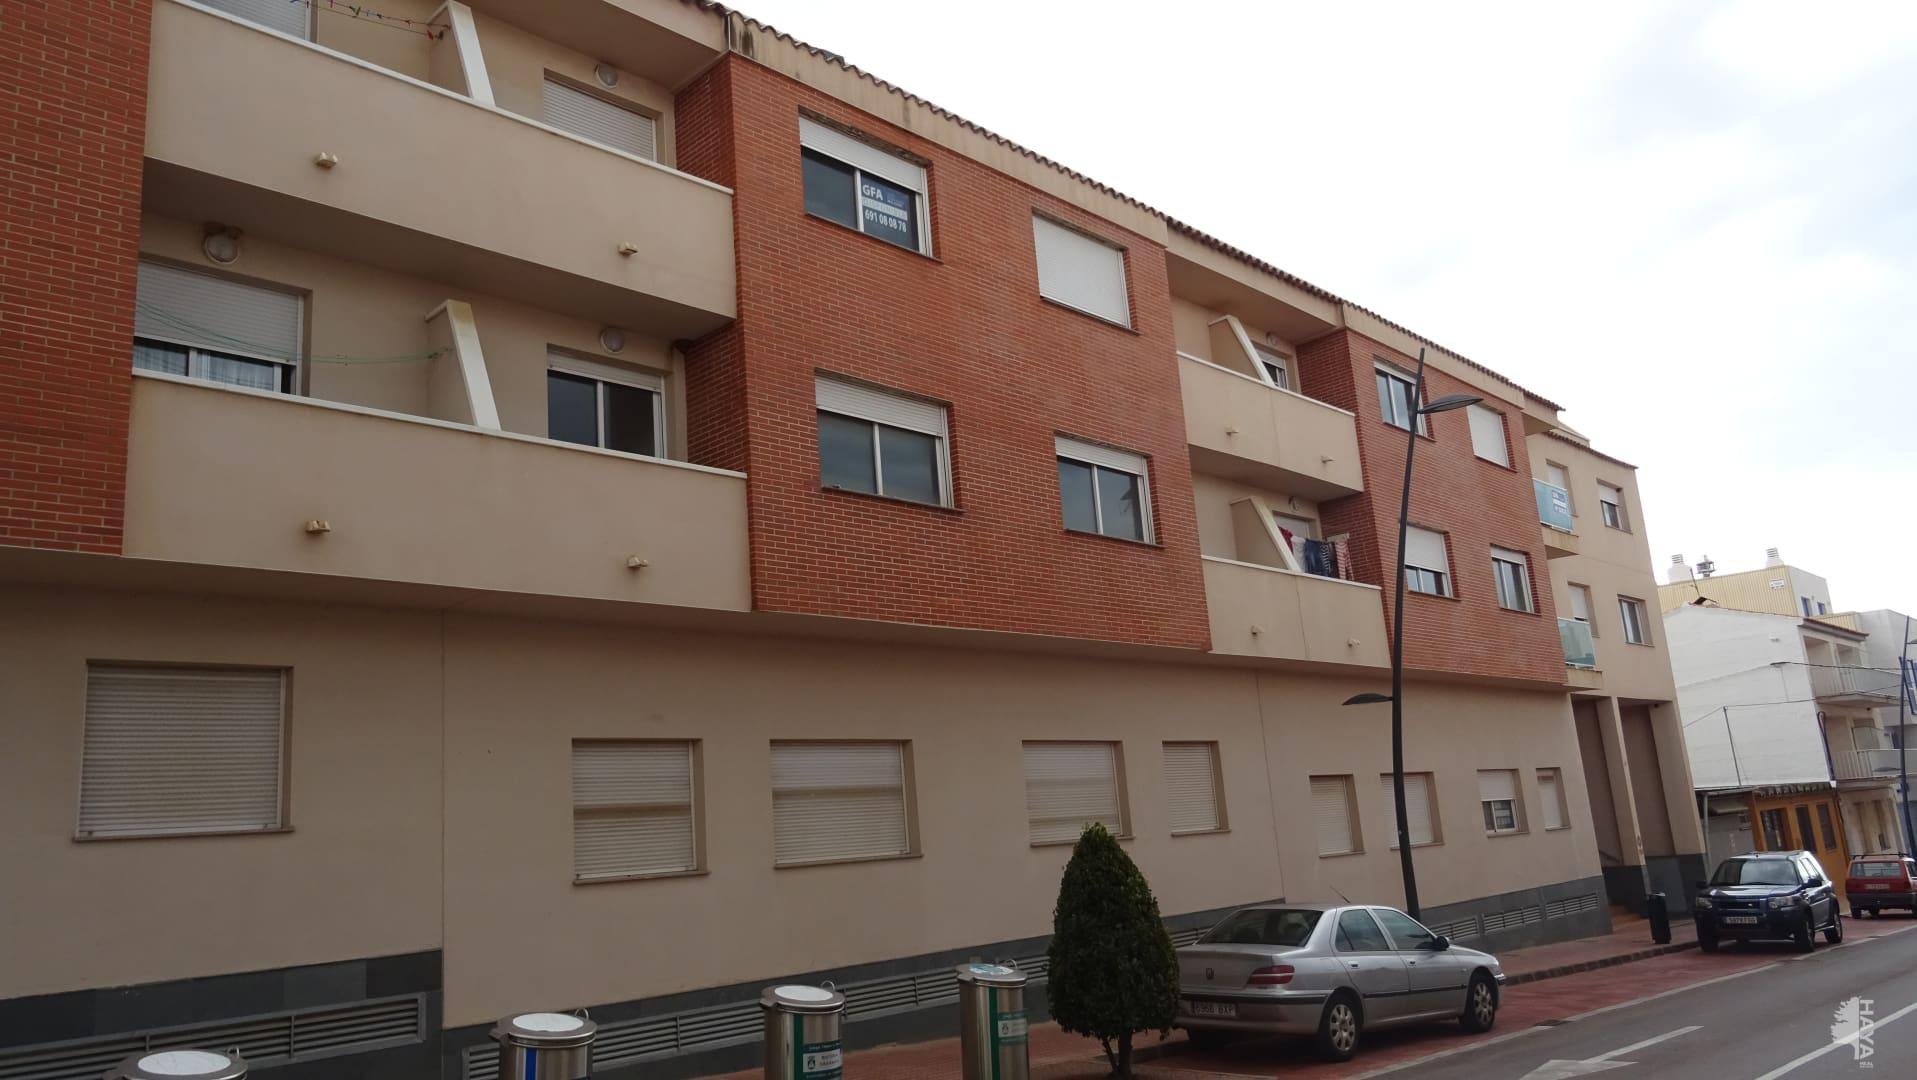 Piso en venta en Torreblanca, Castellón, Calle Colon, 83.000 €, 3 habitaciones, 2 baños, 136 m2